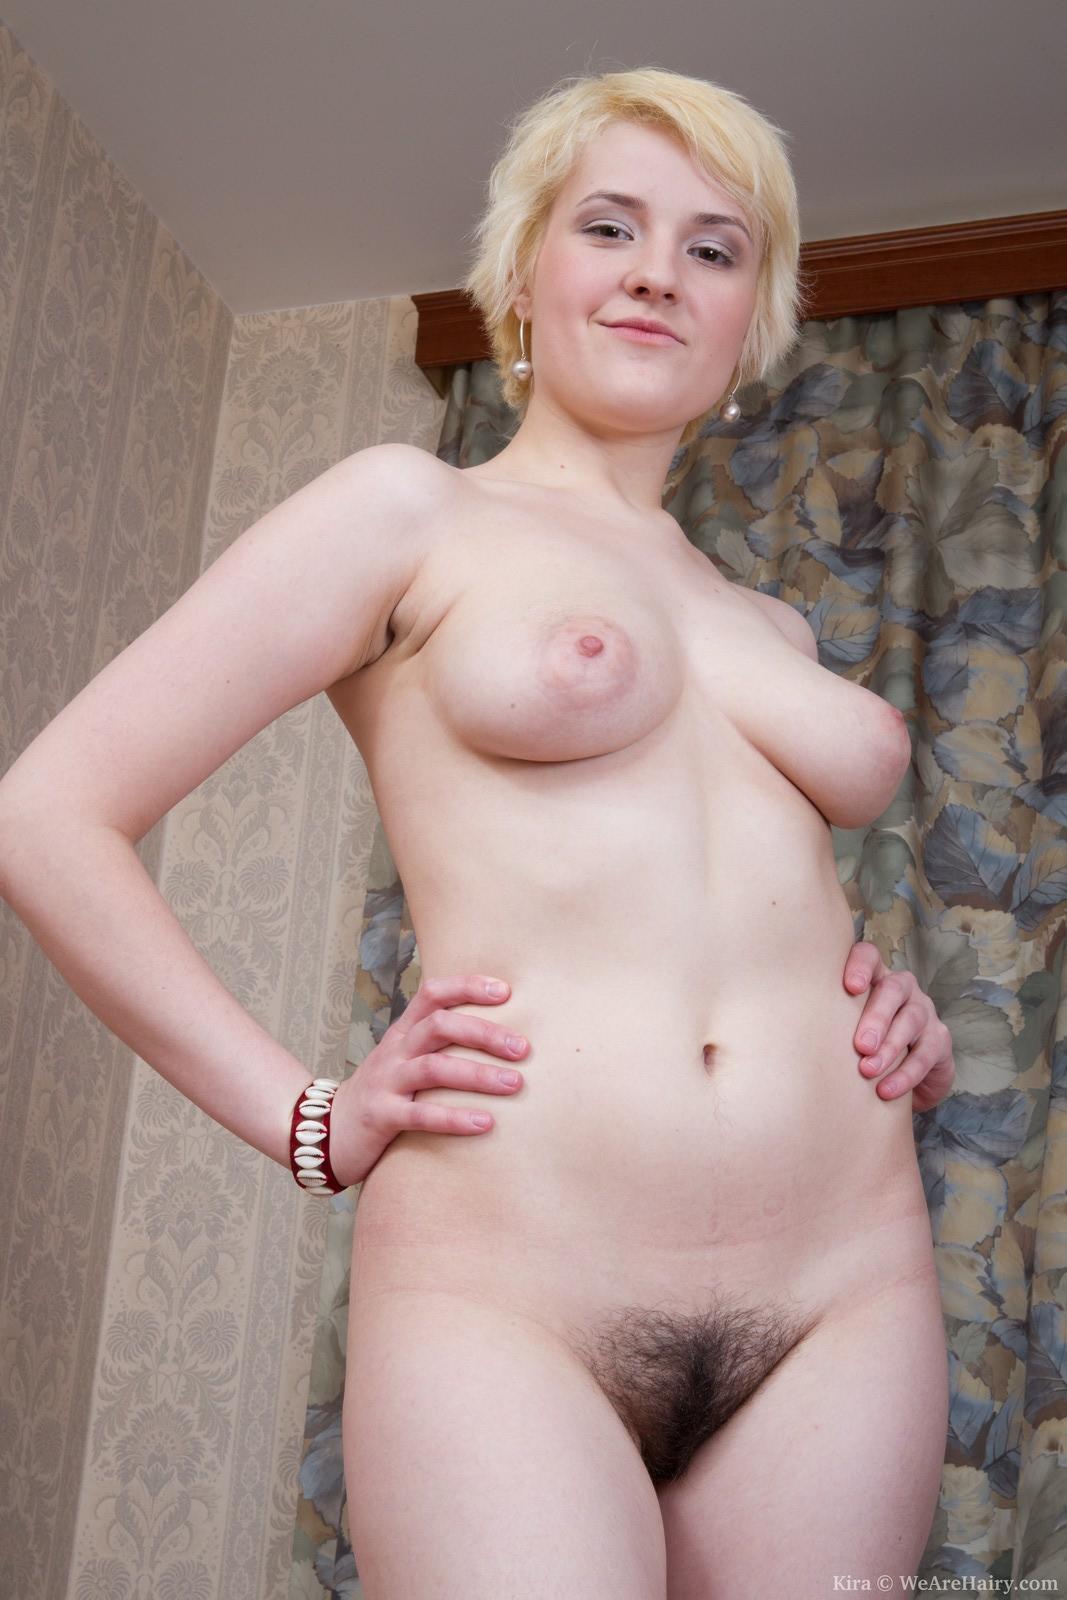 Nude pet sex gifs